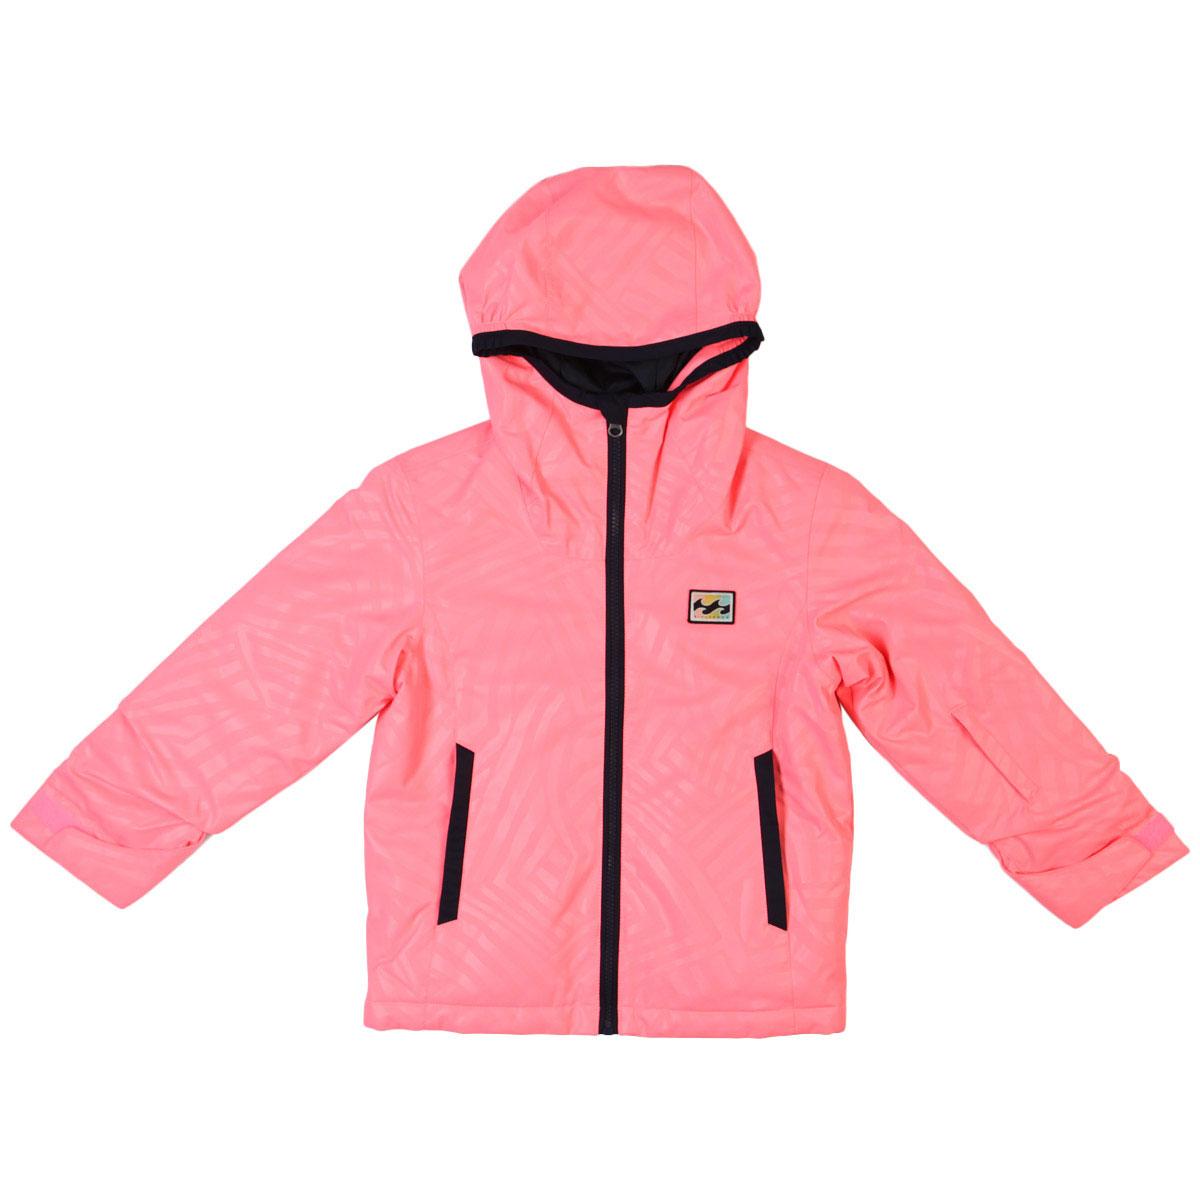 Купить куртку утепленная детскую Billabong Sula Peach (L6JG02-BIF8-57) в  интернет-магазине Proskater.ru da3fd6f27c1